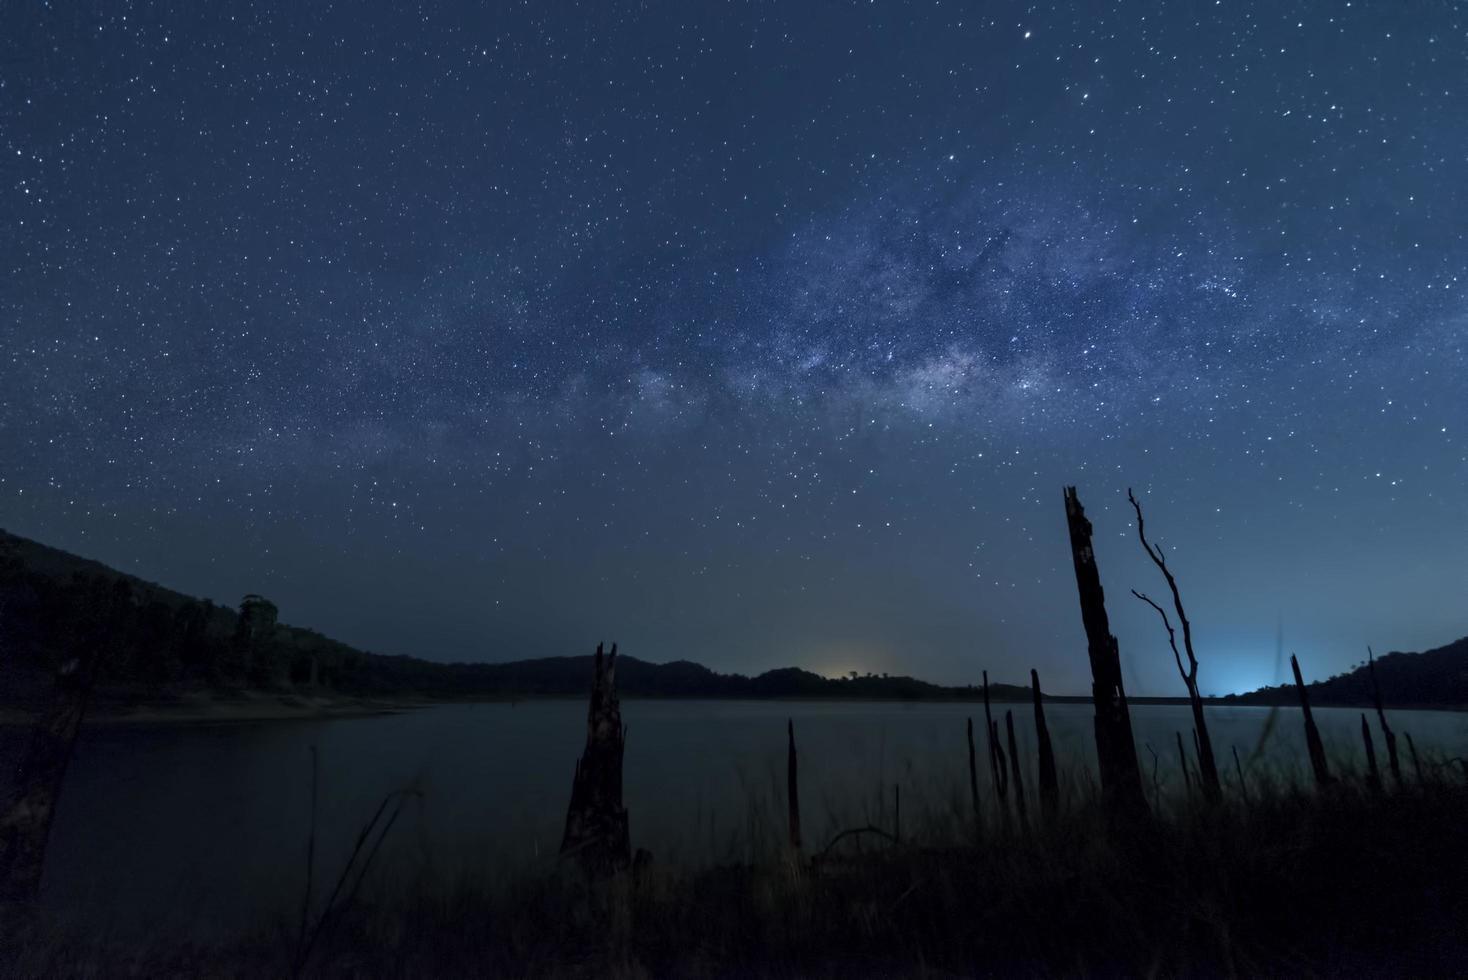 voie lactée et crépuscule bleu photo